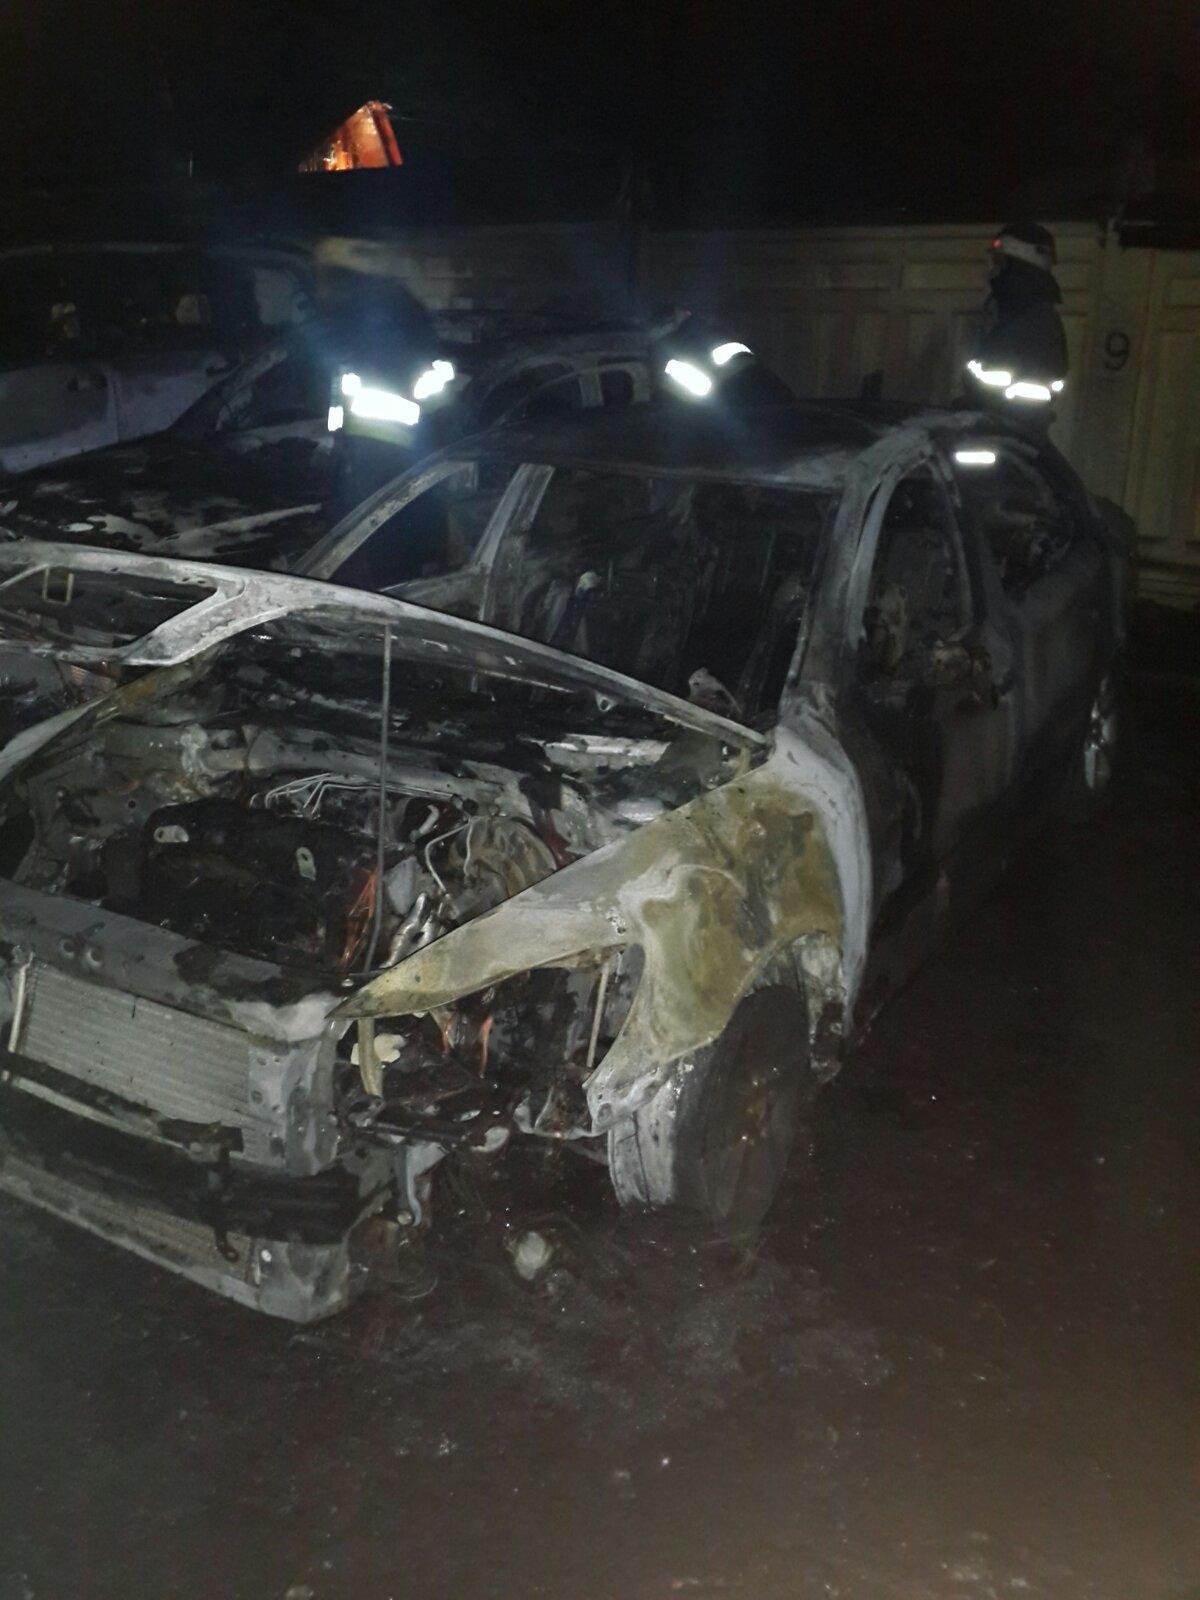 В Харькове возле парковки сгорели два внедорожника и легковой автомобиль, - ФОТО, фото-2